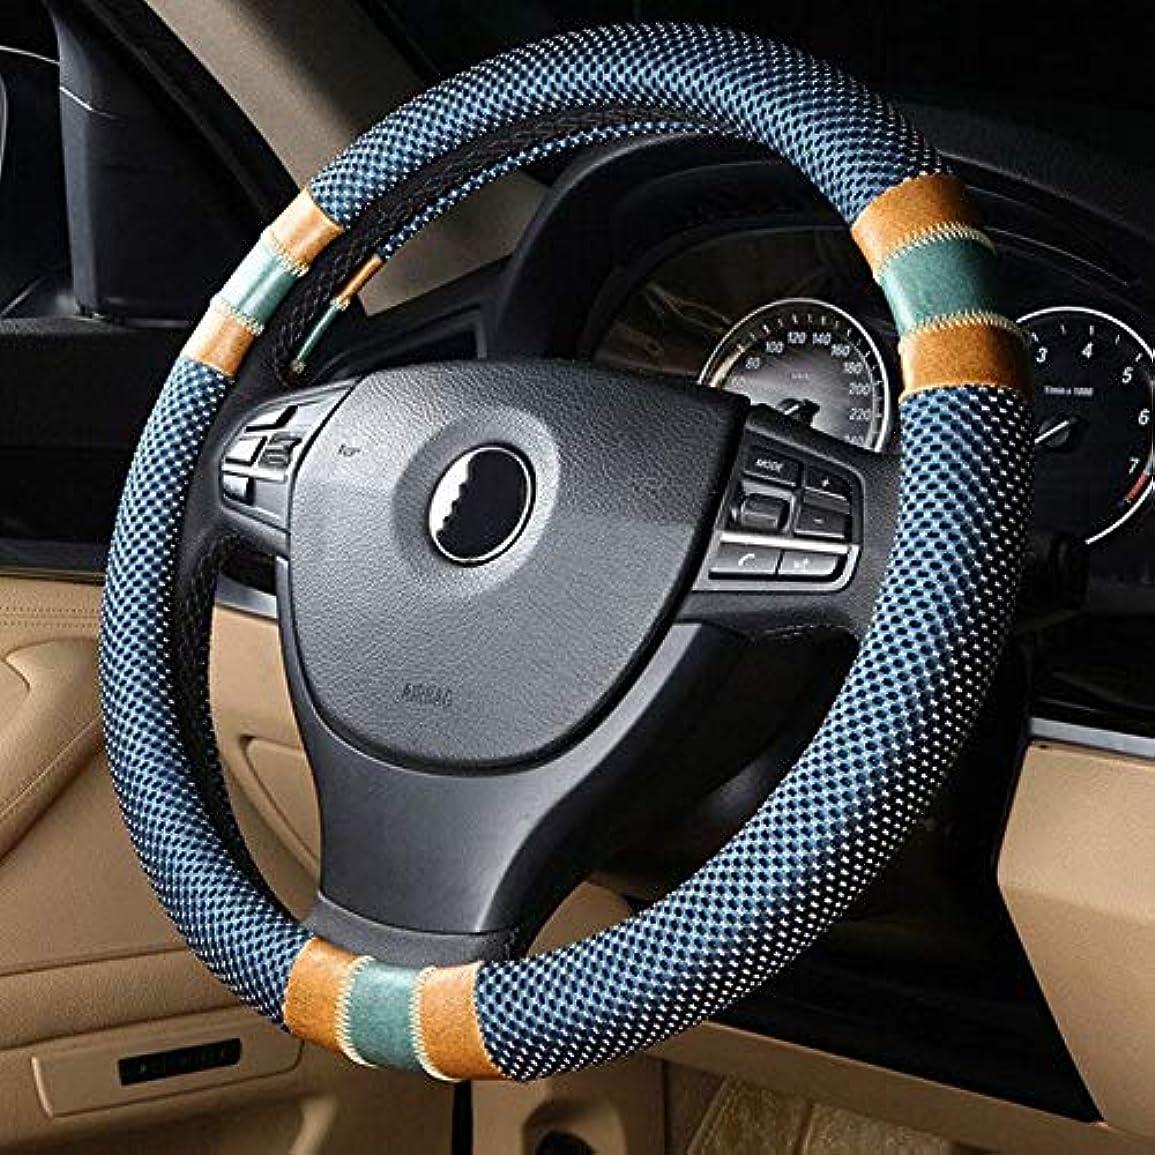 対応するドア手術3D 車スタイリング冬ステアリングホイールカバーキャップ革 36/38/39 センチメートル自動車の付属品ケースのための BMW e46 ホンダ、フォード、トヨタ VW ゴルフ 4-L blue